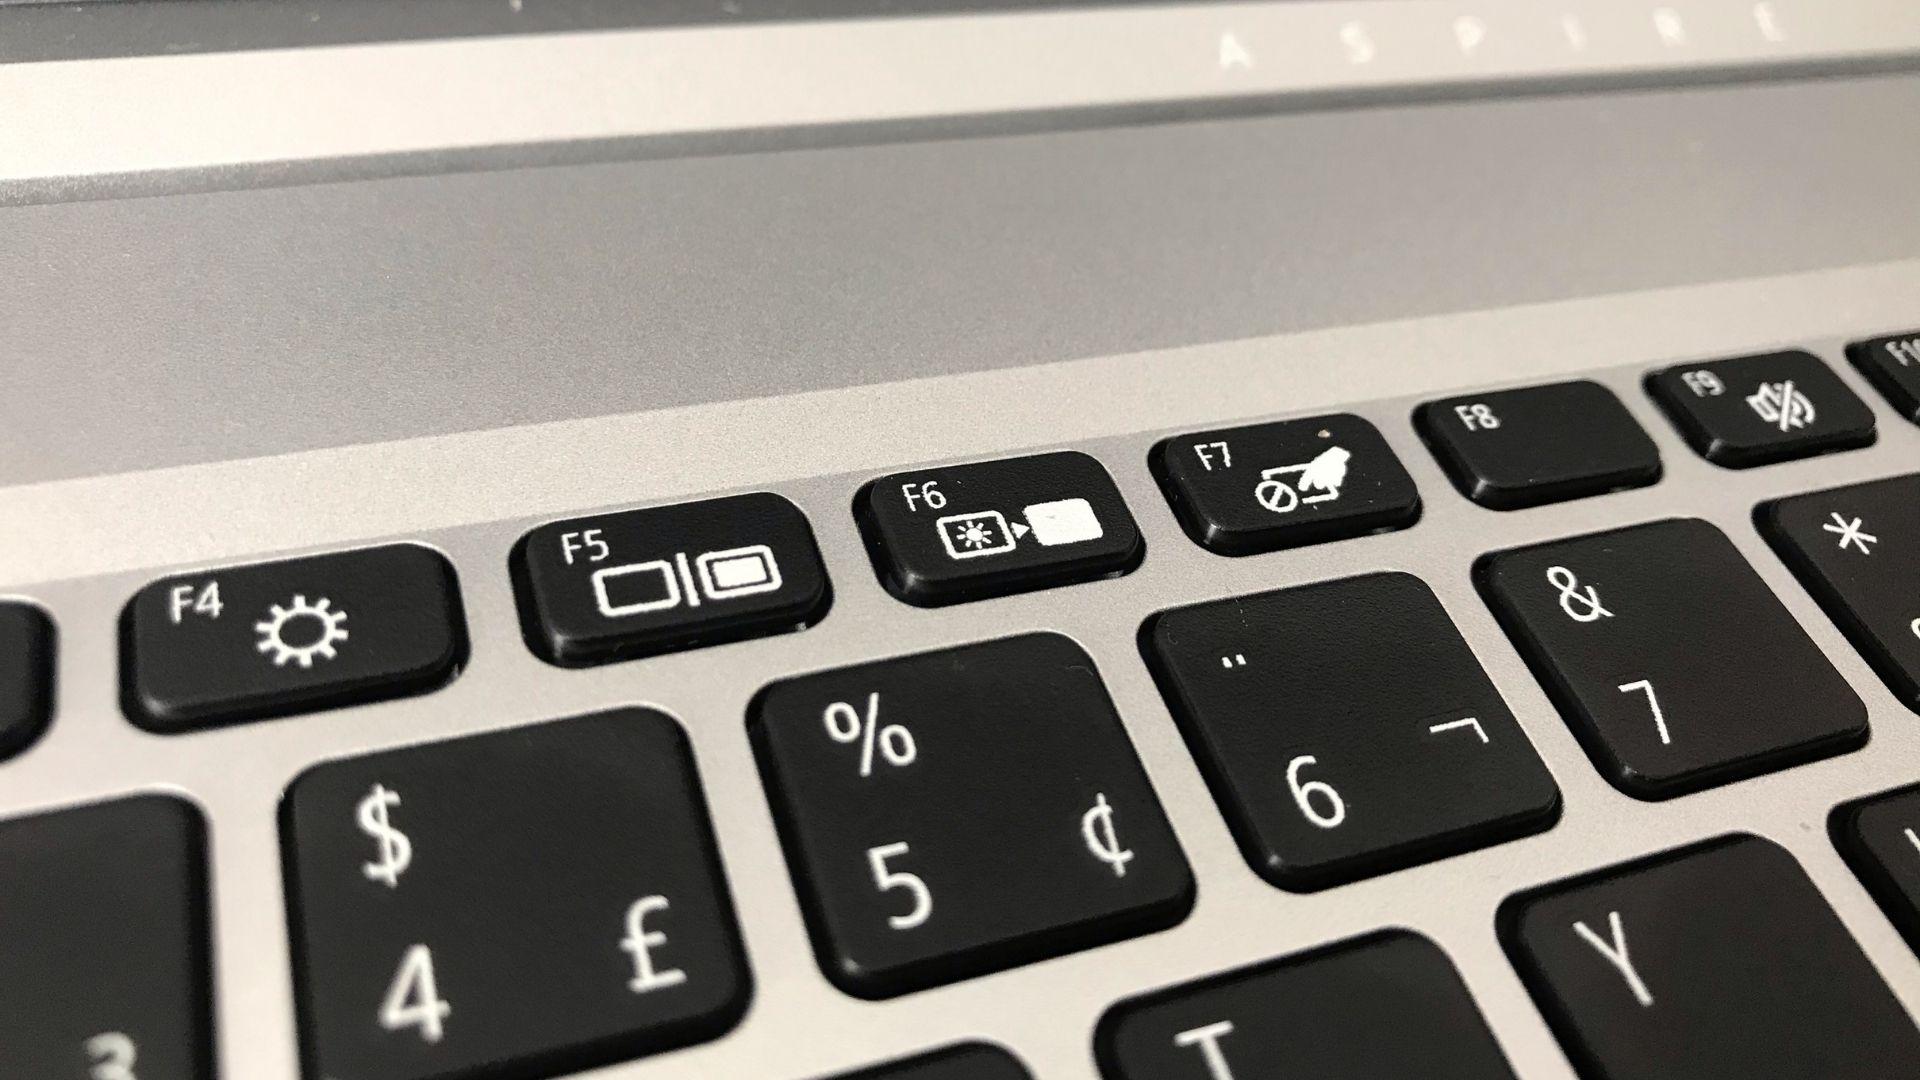 Os botões superiores do teclado do Acer Aspire 5 são quase todos de atalho para alguma função do computador, então é preciso apertar a tecla Fn, que fica no canto inferior esquerdo, para usar os comandos como F5 (Foto: Guilherme Toscano)